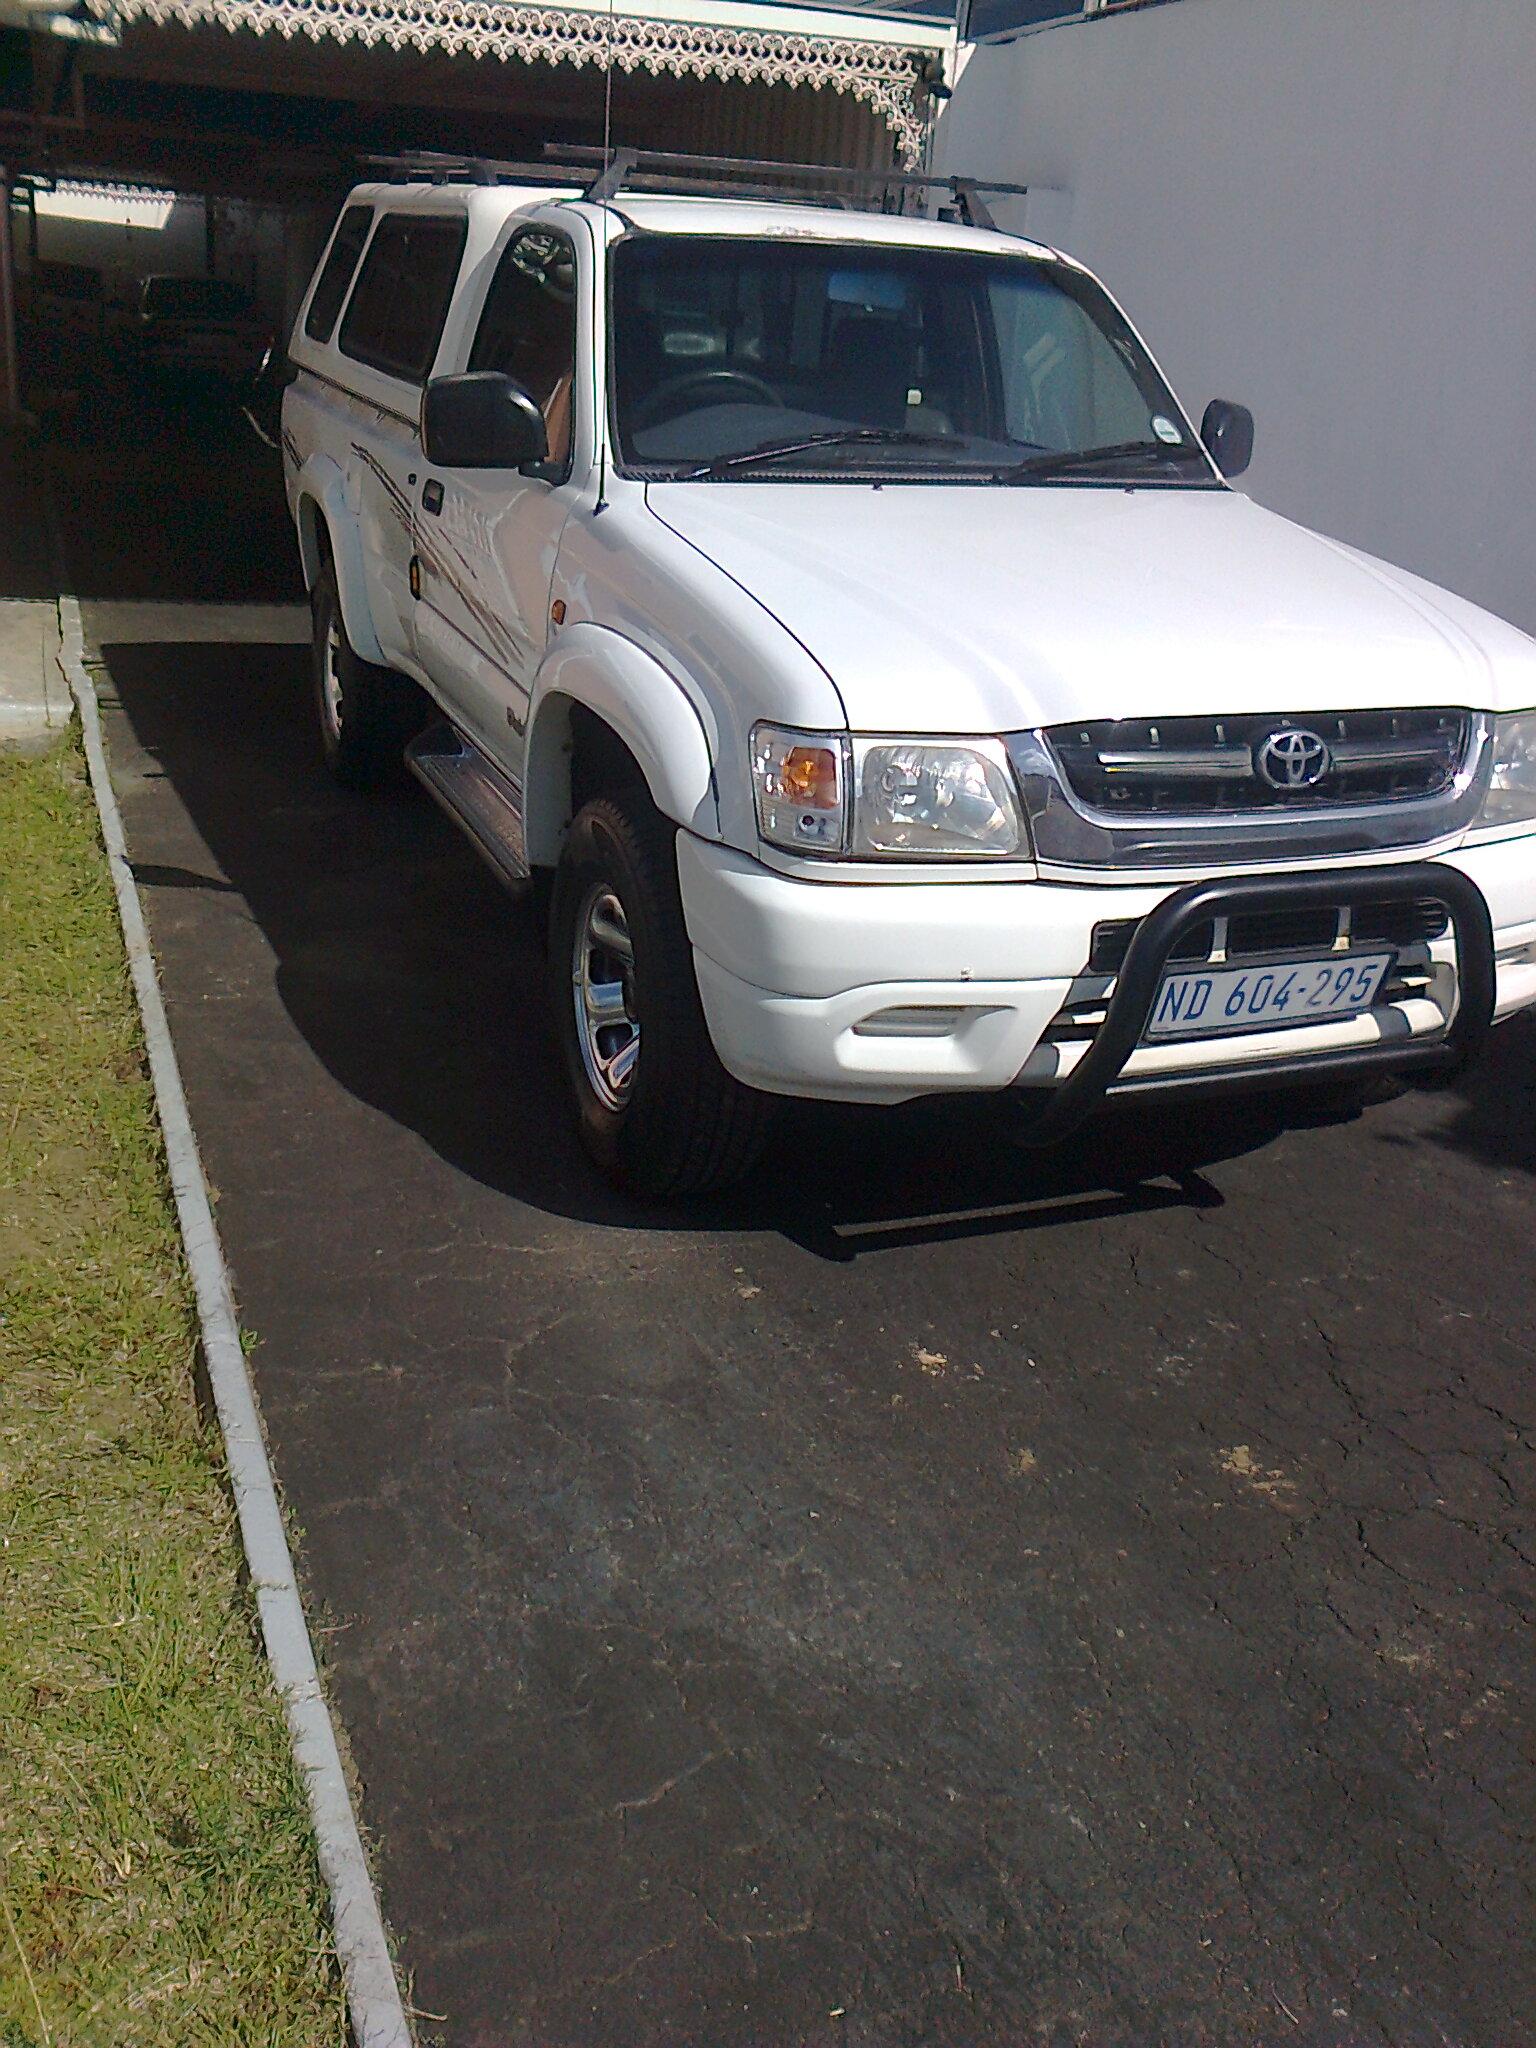 2003 Toyota Hilux 2 7 Raider Junk Mail